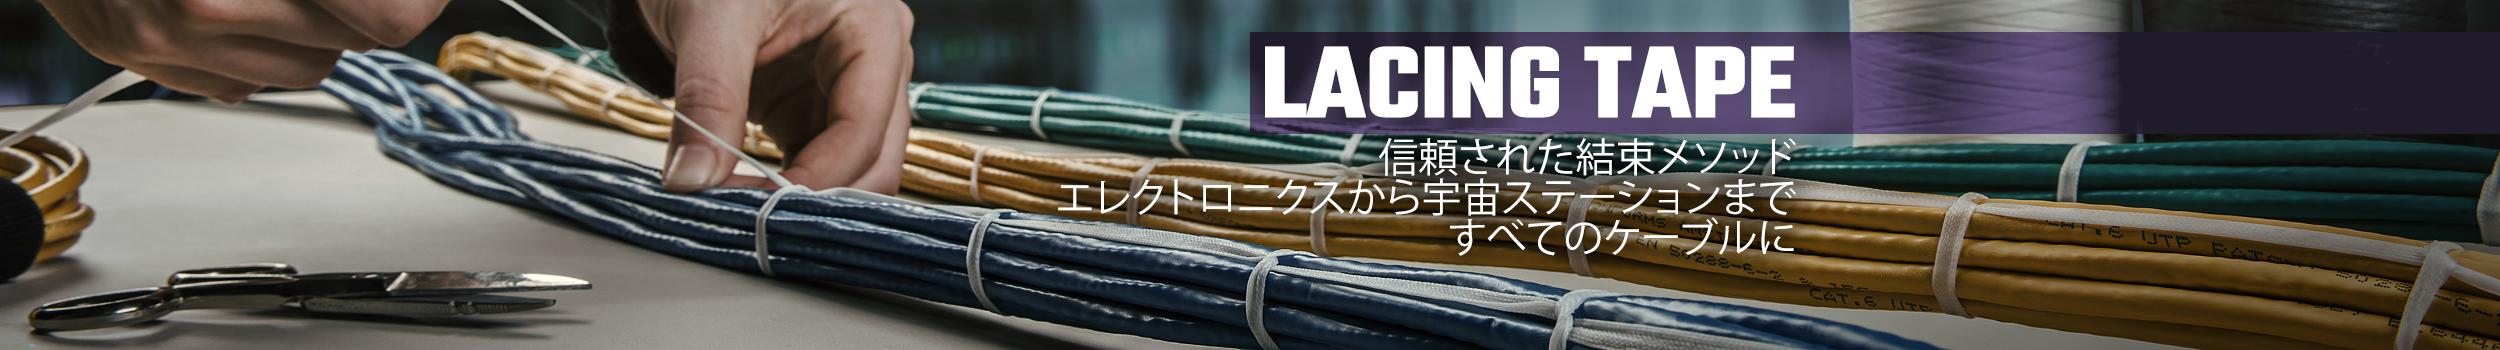 Lacing tape banner jp